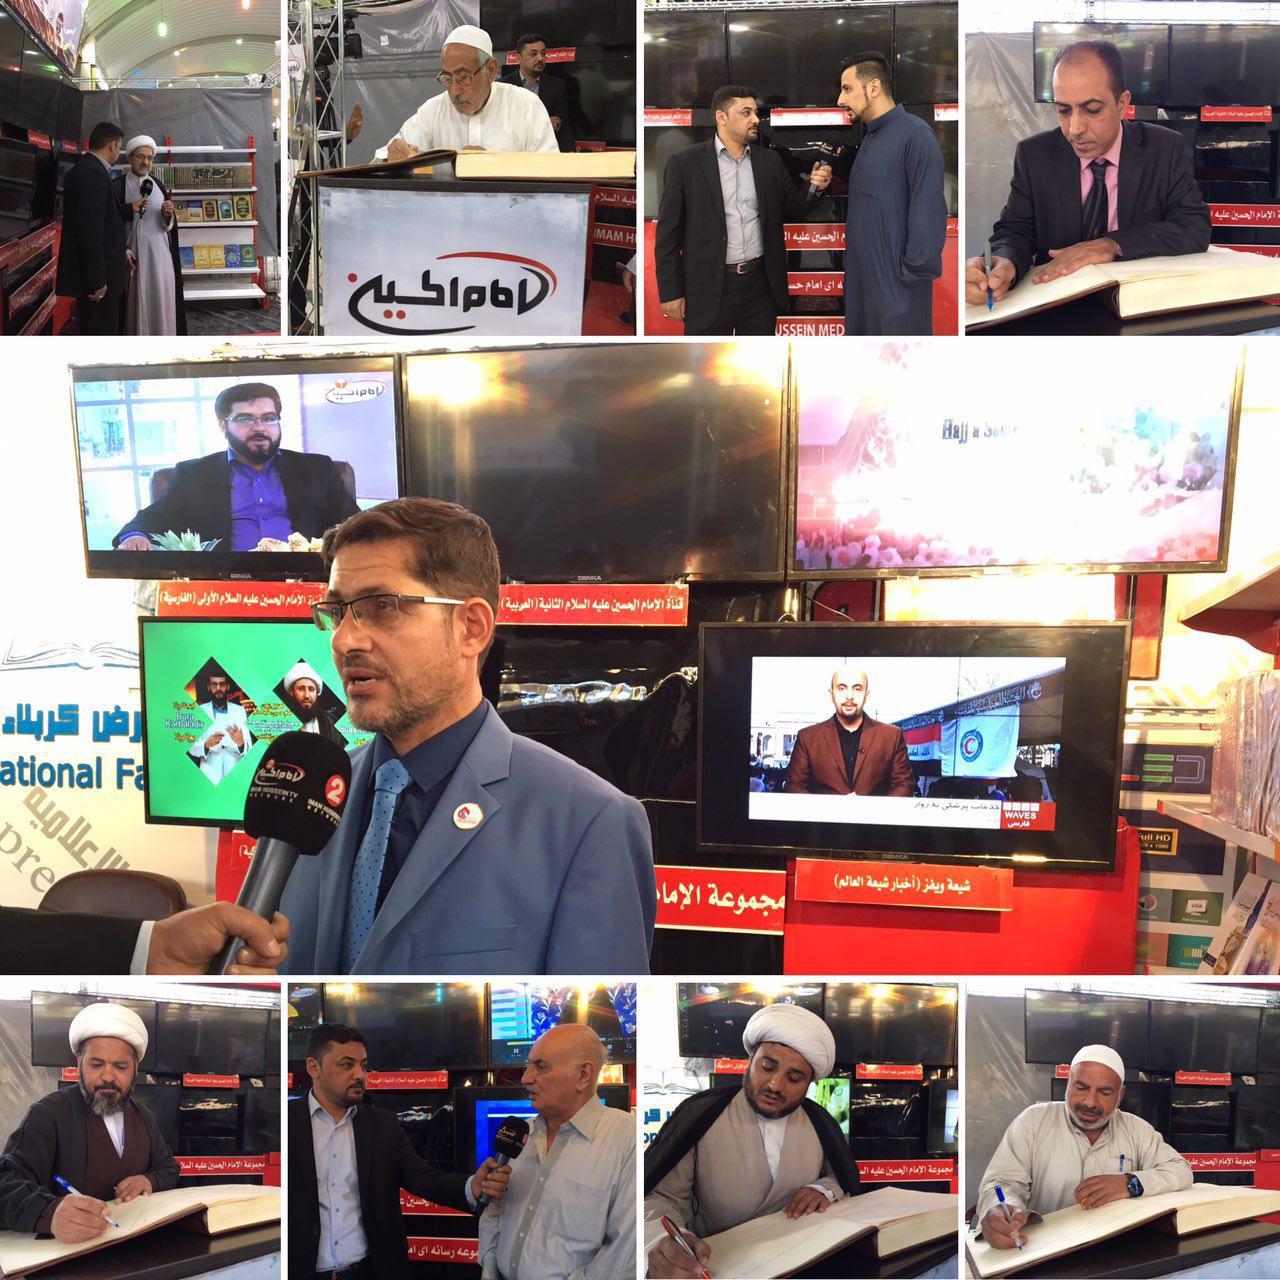 تصویر حضور مجموعه رسانه ای امام حسین علیه السلام در نمایشگاه بین المللی کتاب کربلا